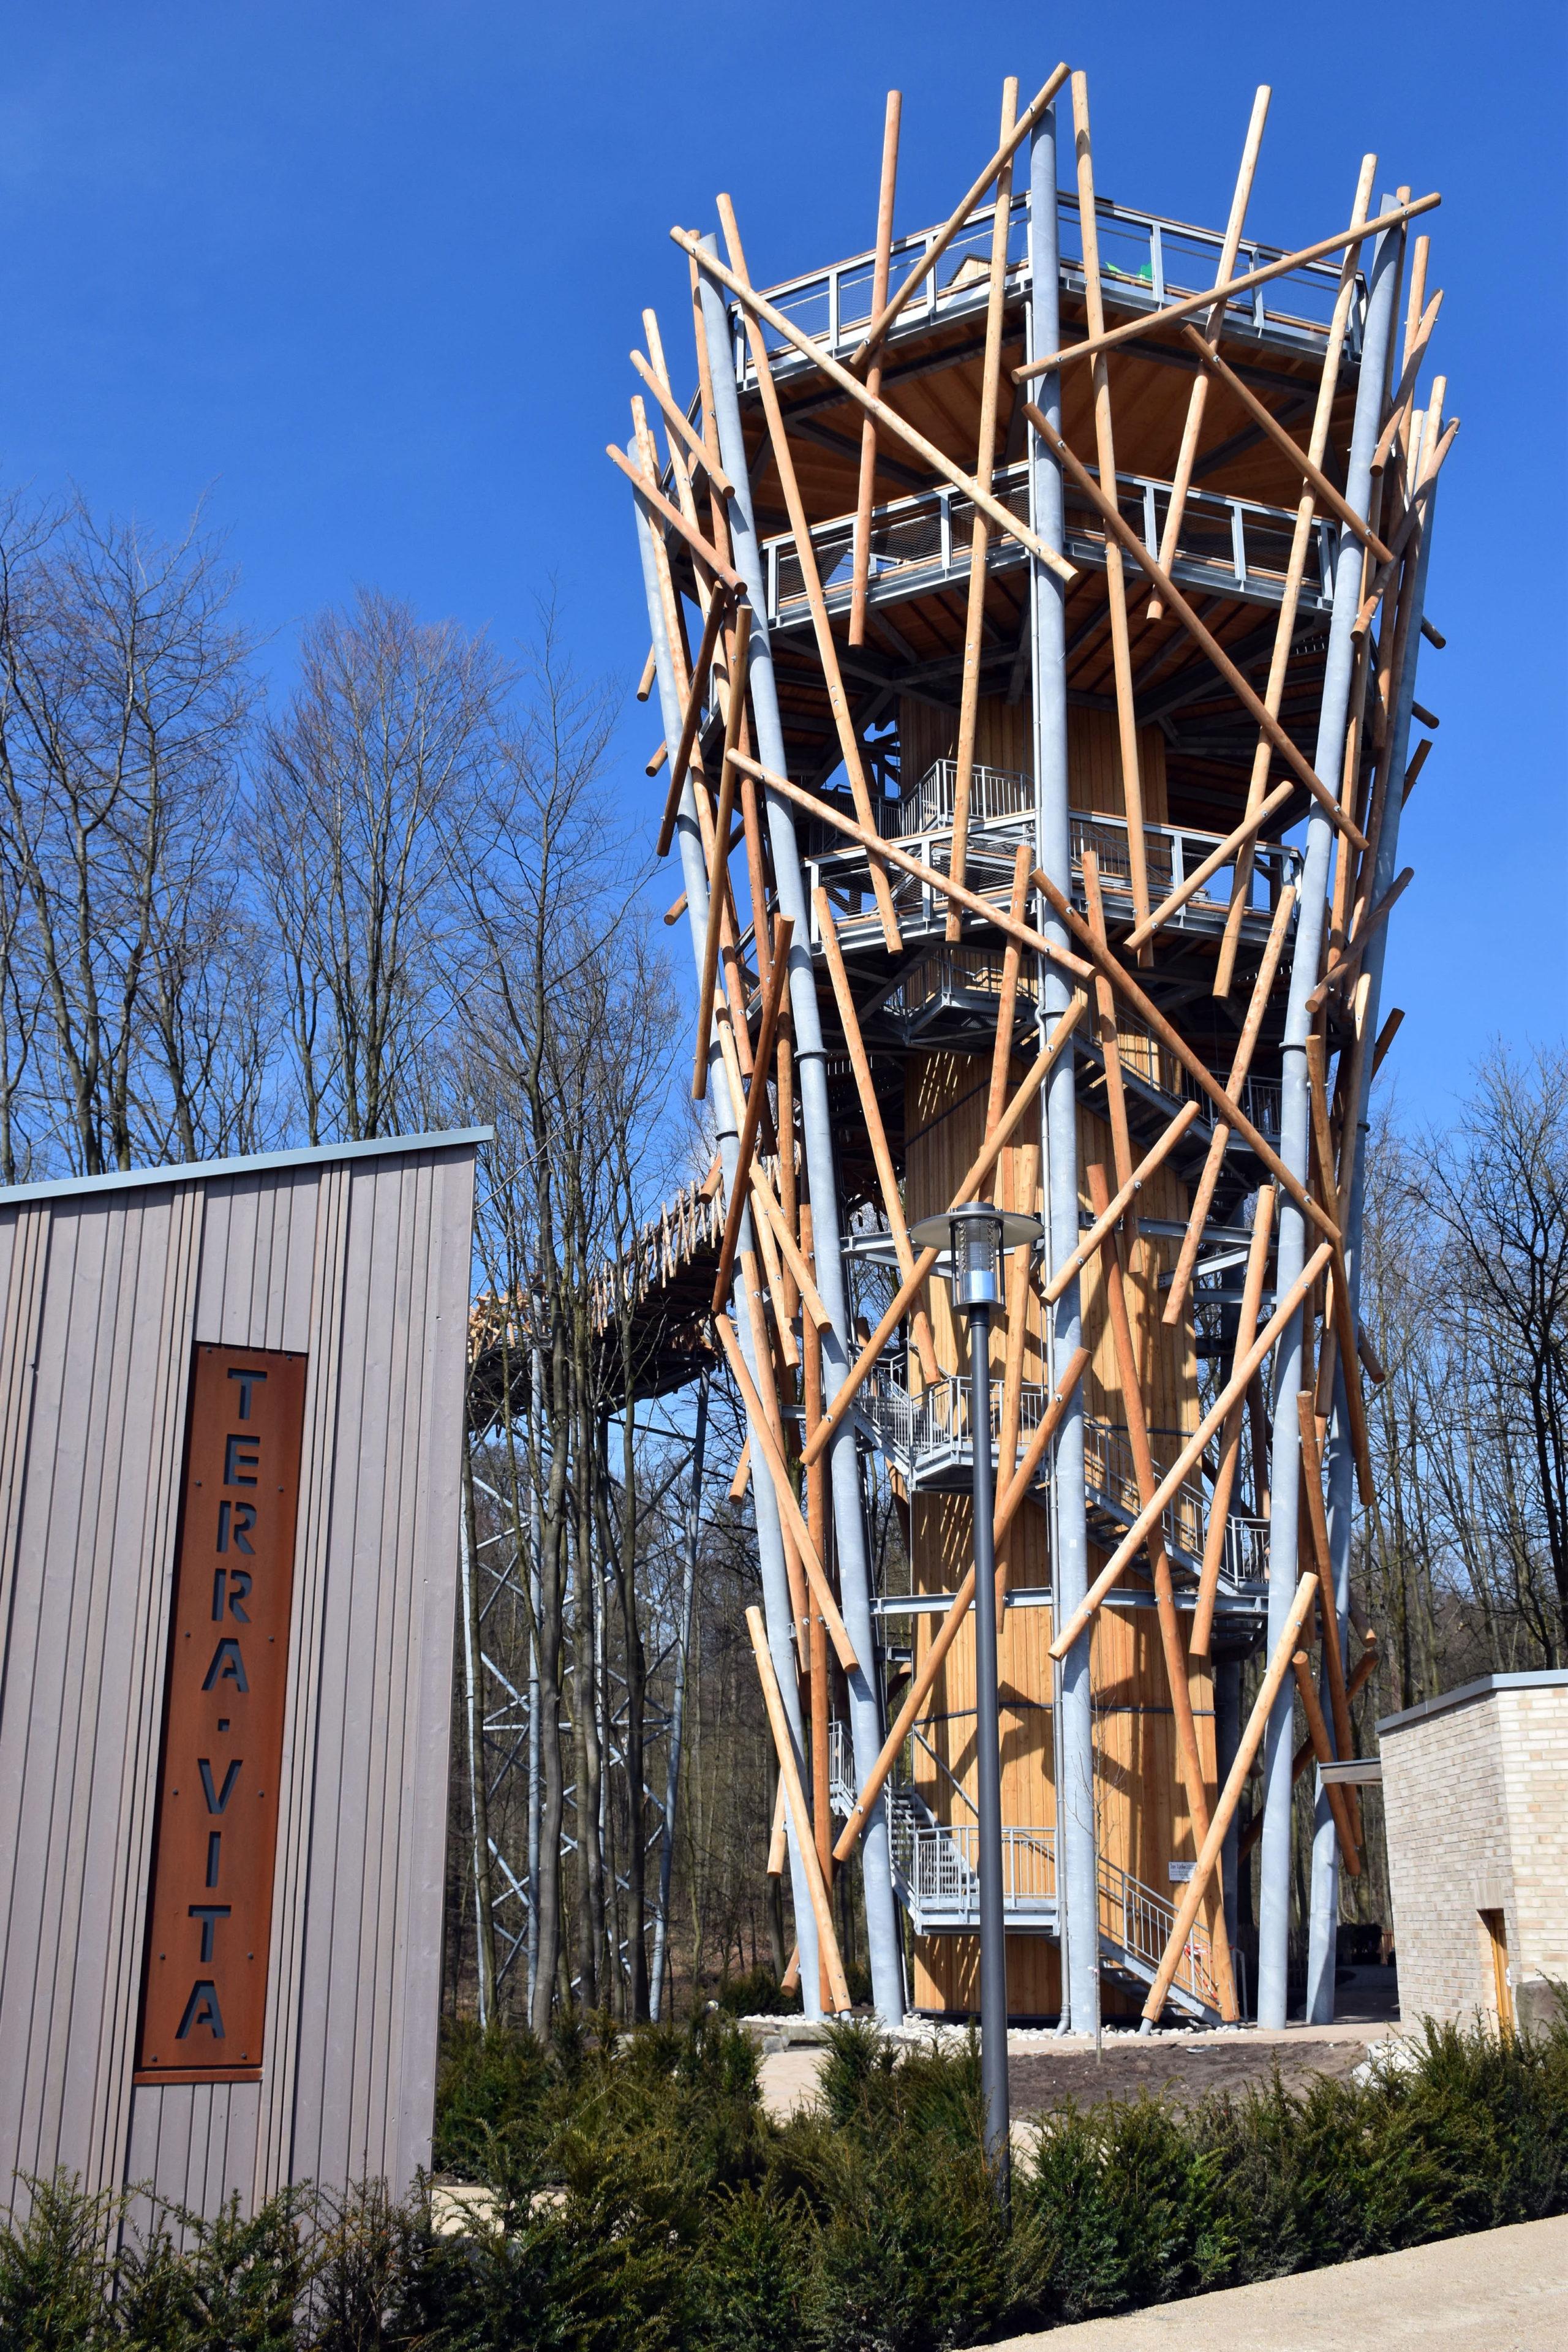 Fast 600 Meter beträgt die Gesamtwegstrecke des spektakulären Baumwipfelpfads, der die Besucher der Landesgartschau Bad Iburg in luftige Höhen entführt. Die Brückenlänge beträgt 440 Meter.